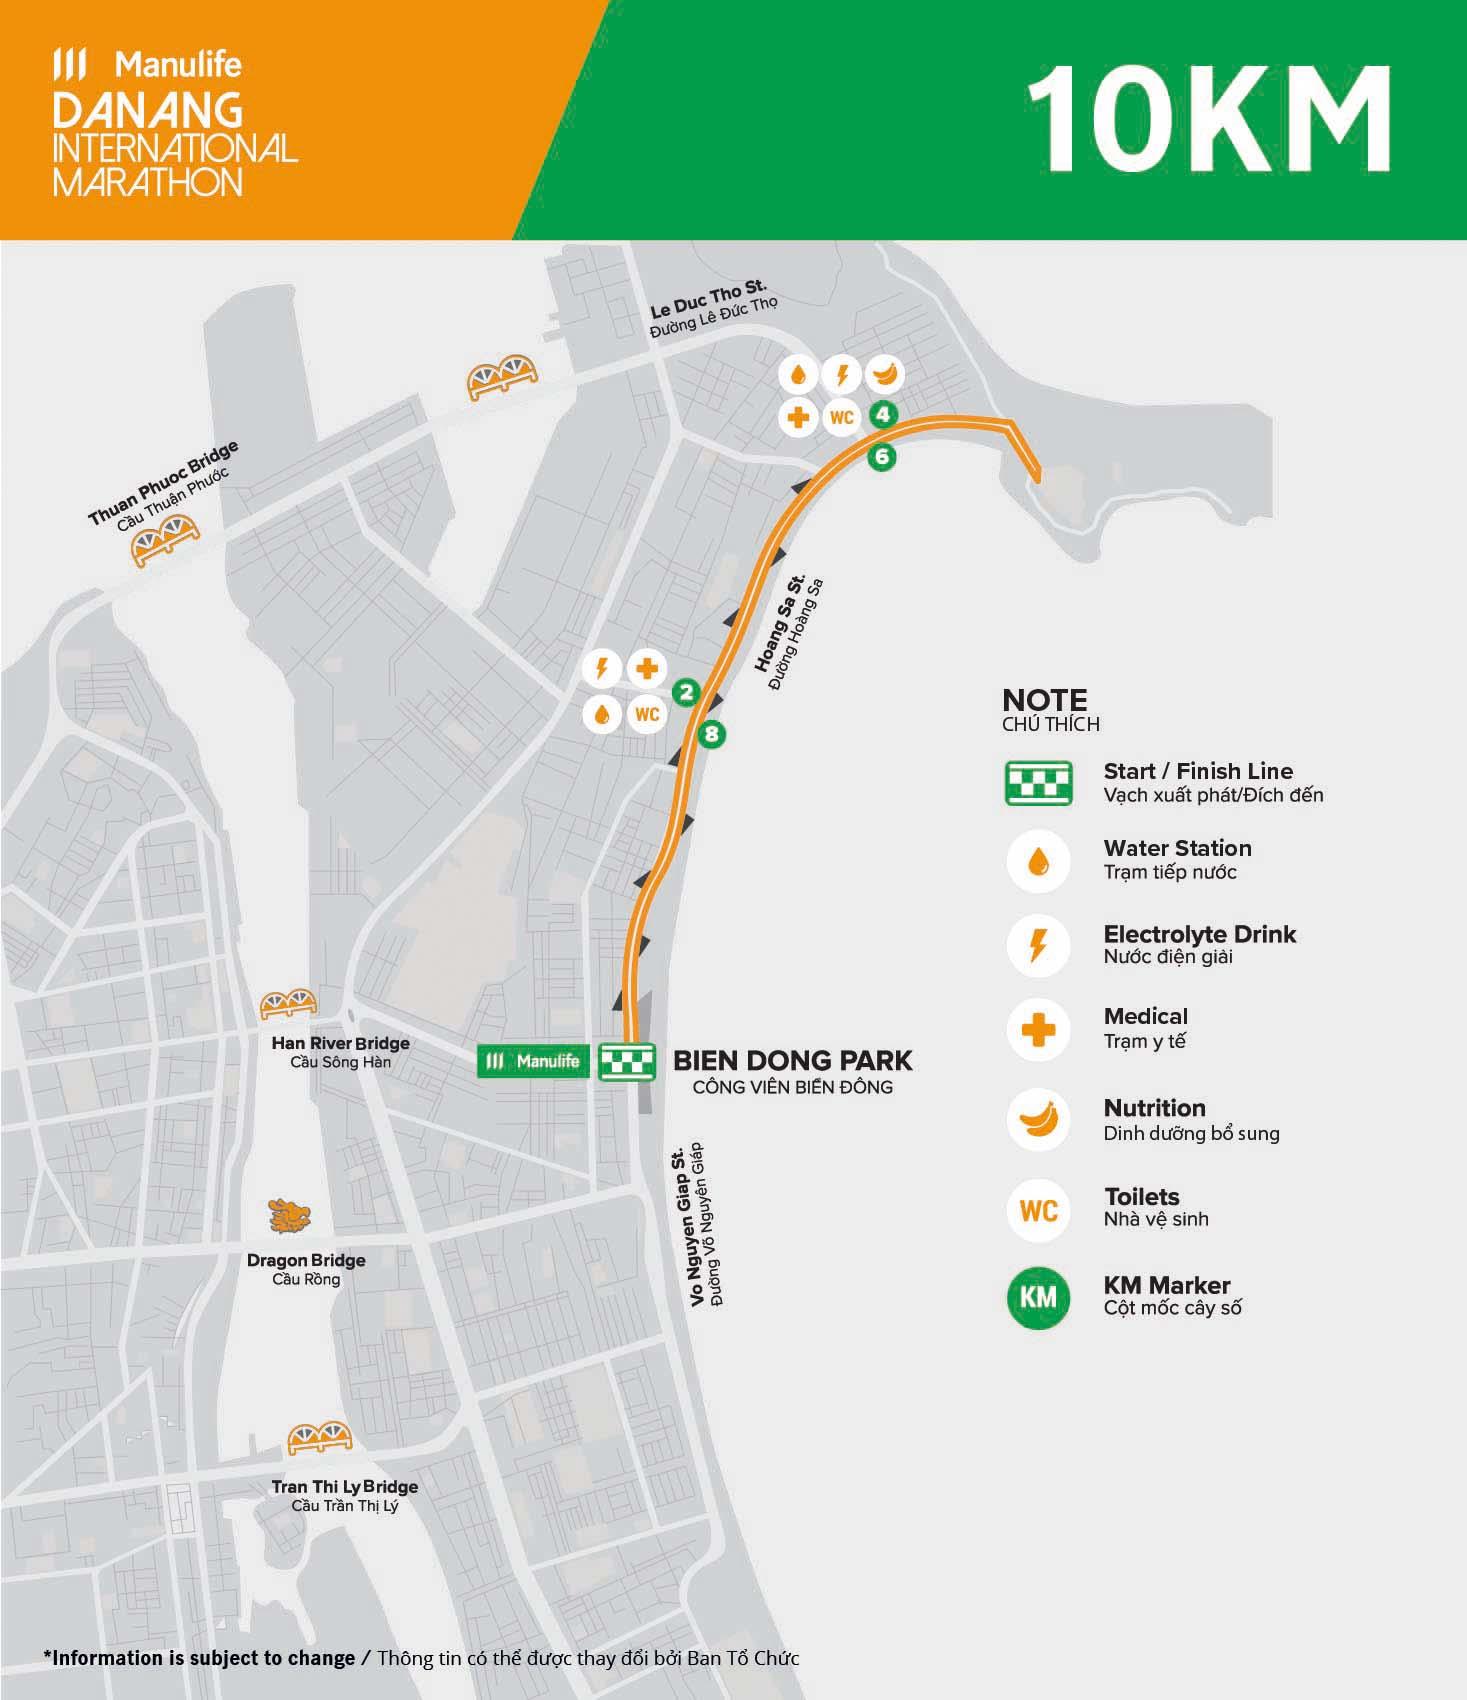 MDNIM20 - Course - 10km